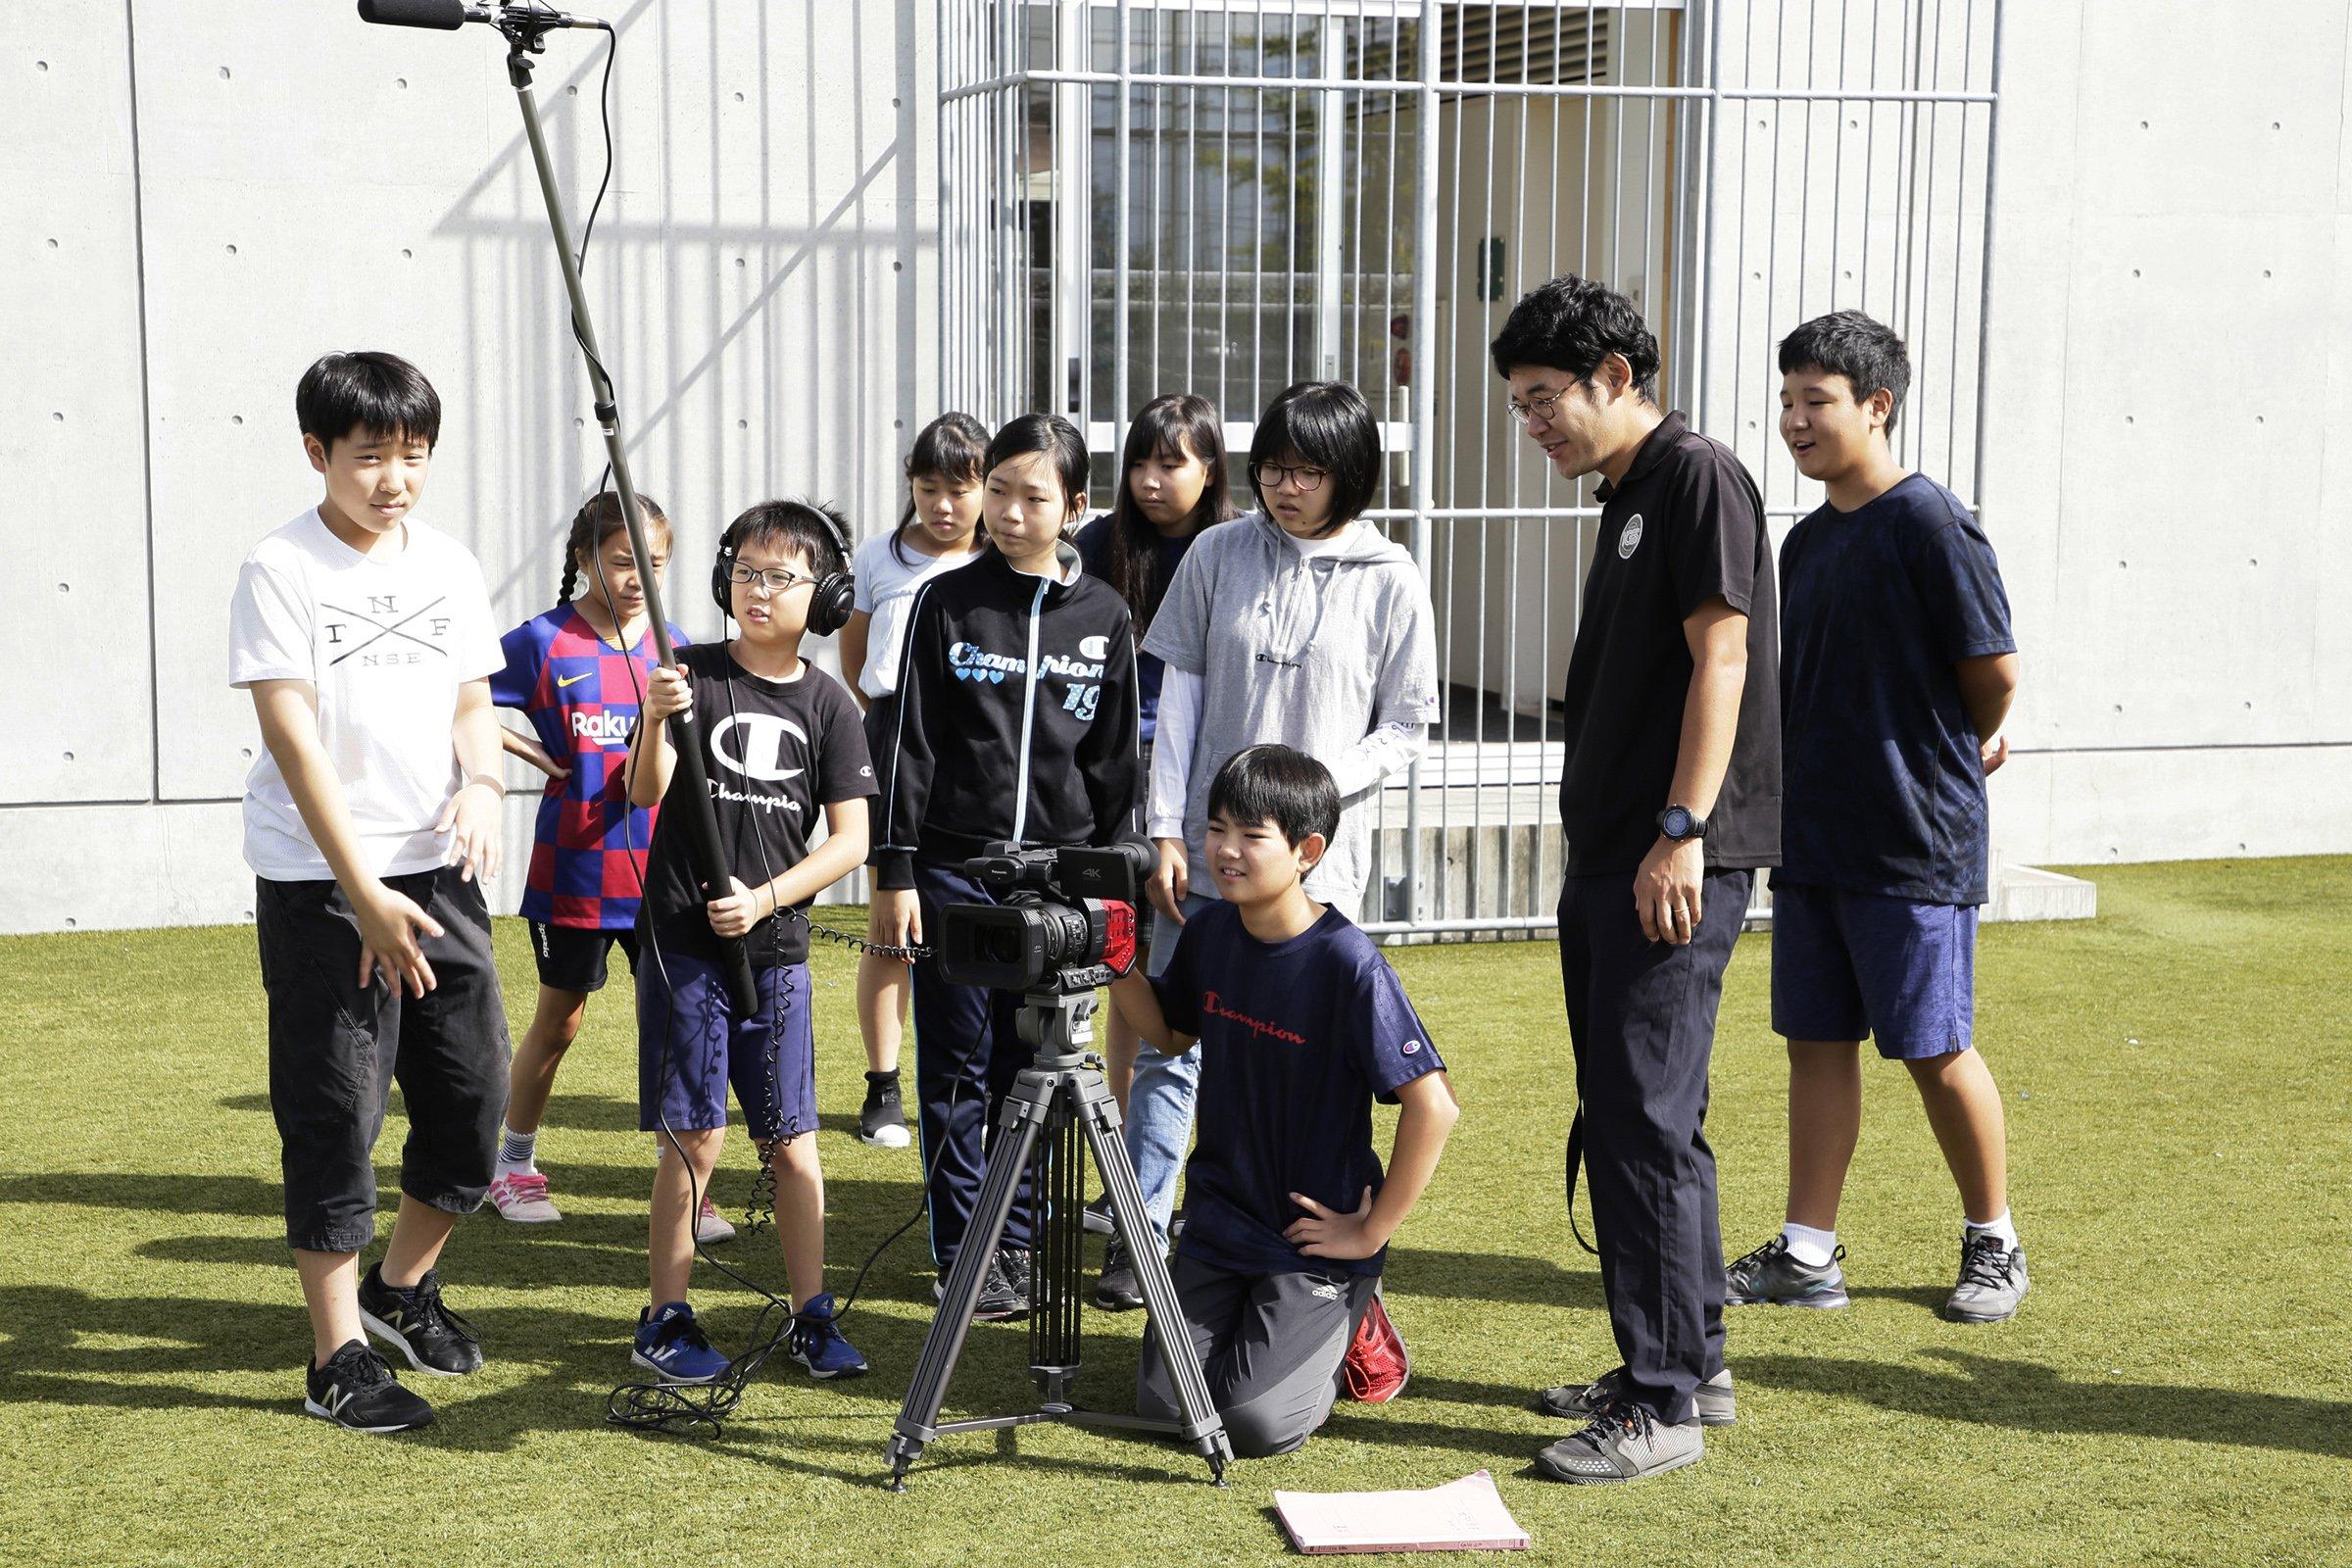 写真:「キッド・ウィットネス・ニュース(KWN)」に参加し映像制作に取り組む子どもたちの様子